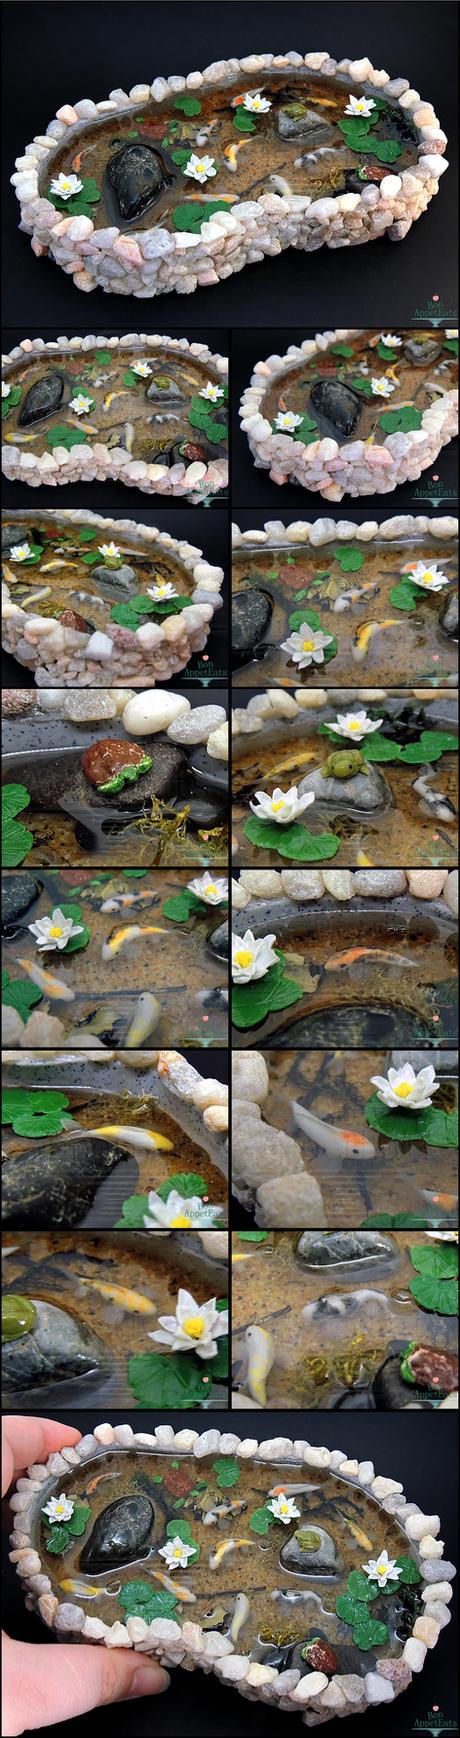 Commission: Large Stone Pond by Bon-AppetEats